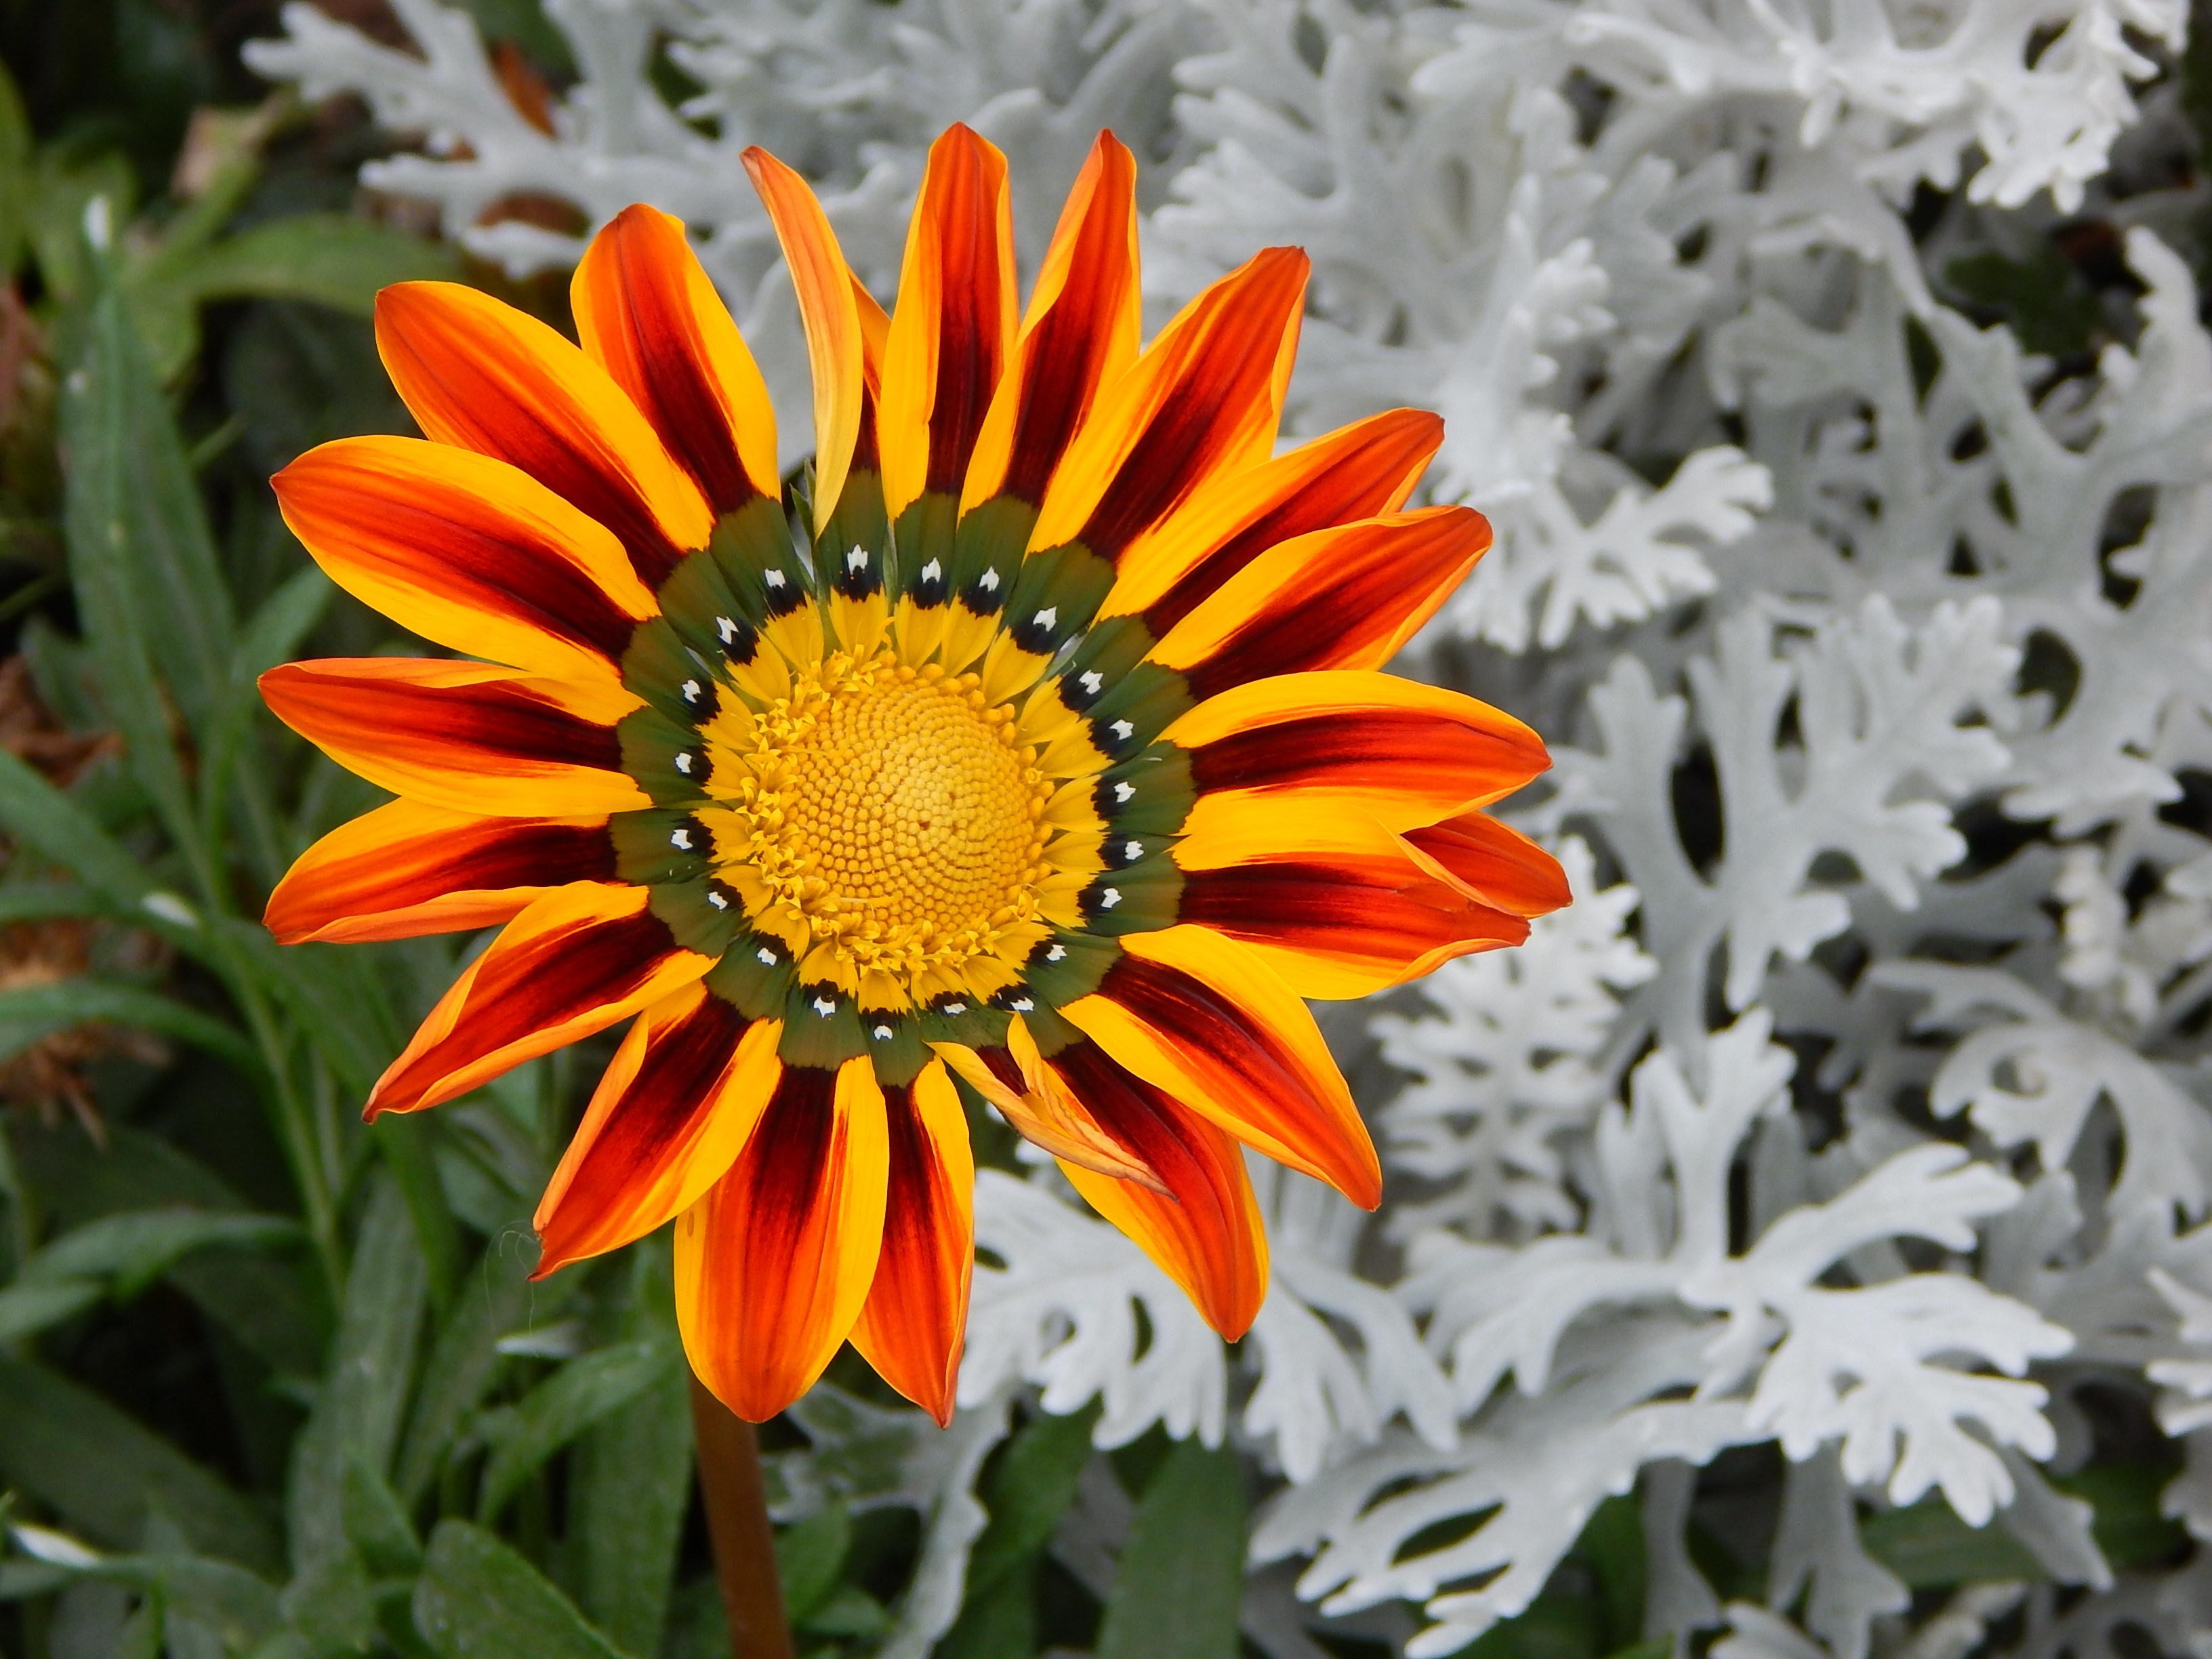 газания цветок картинки какая фотографий сбила